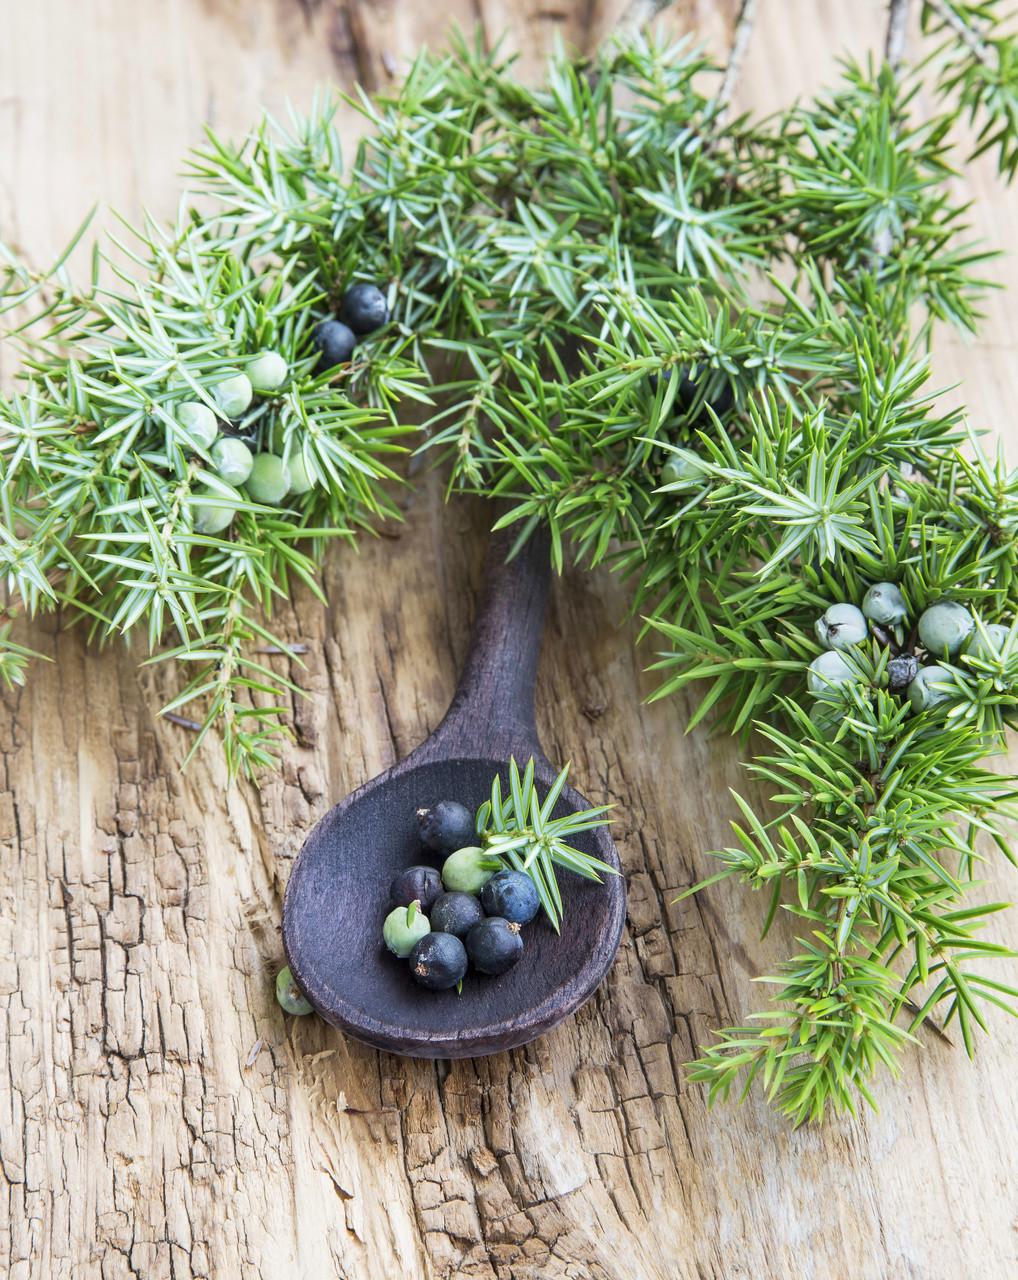 Juniper Berry - Juniperus communis